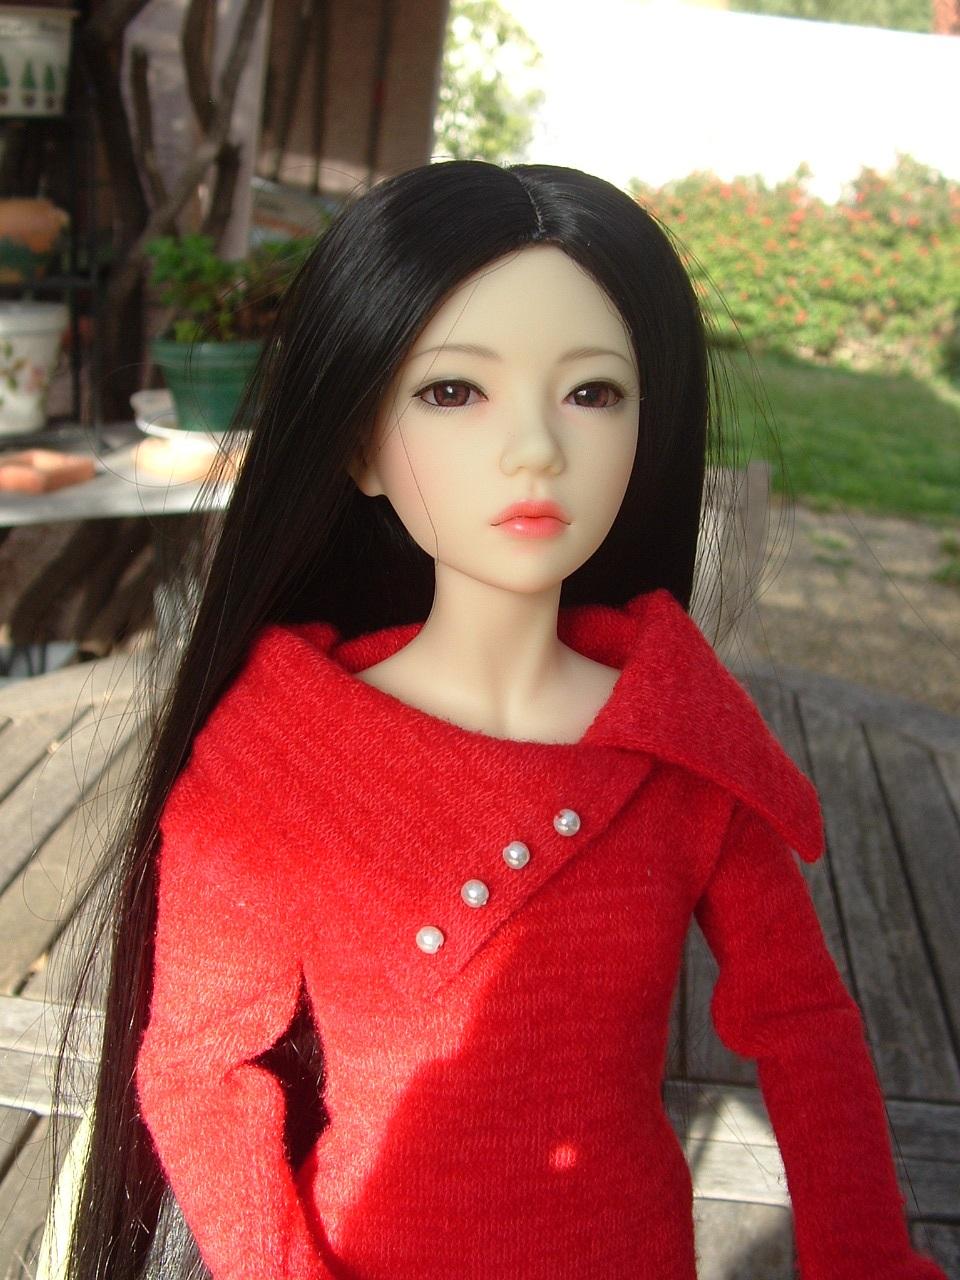 Je vous présente Mitsuko, ma belle Asa - première robe p 2 - autre tenue p 3 Dscf0437